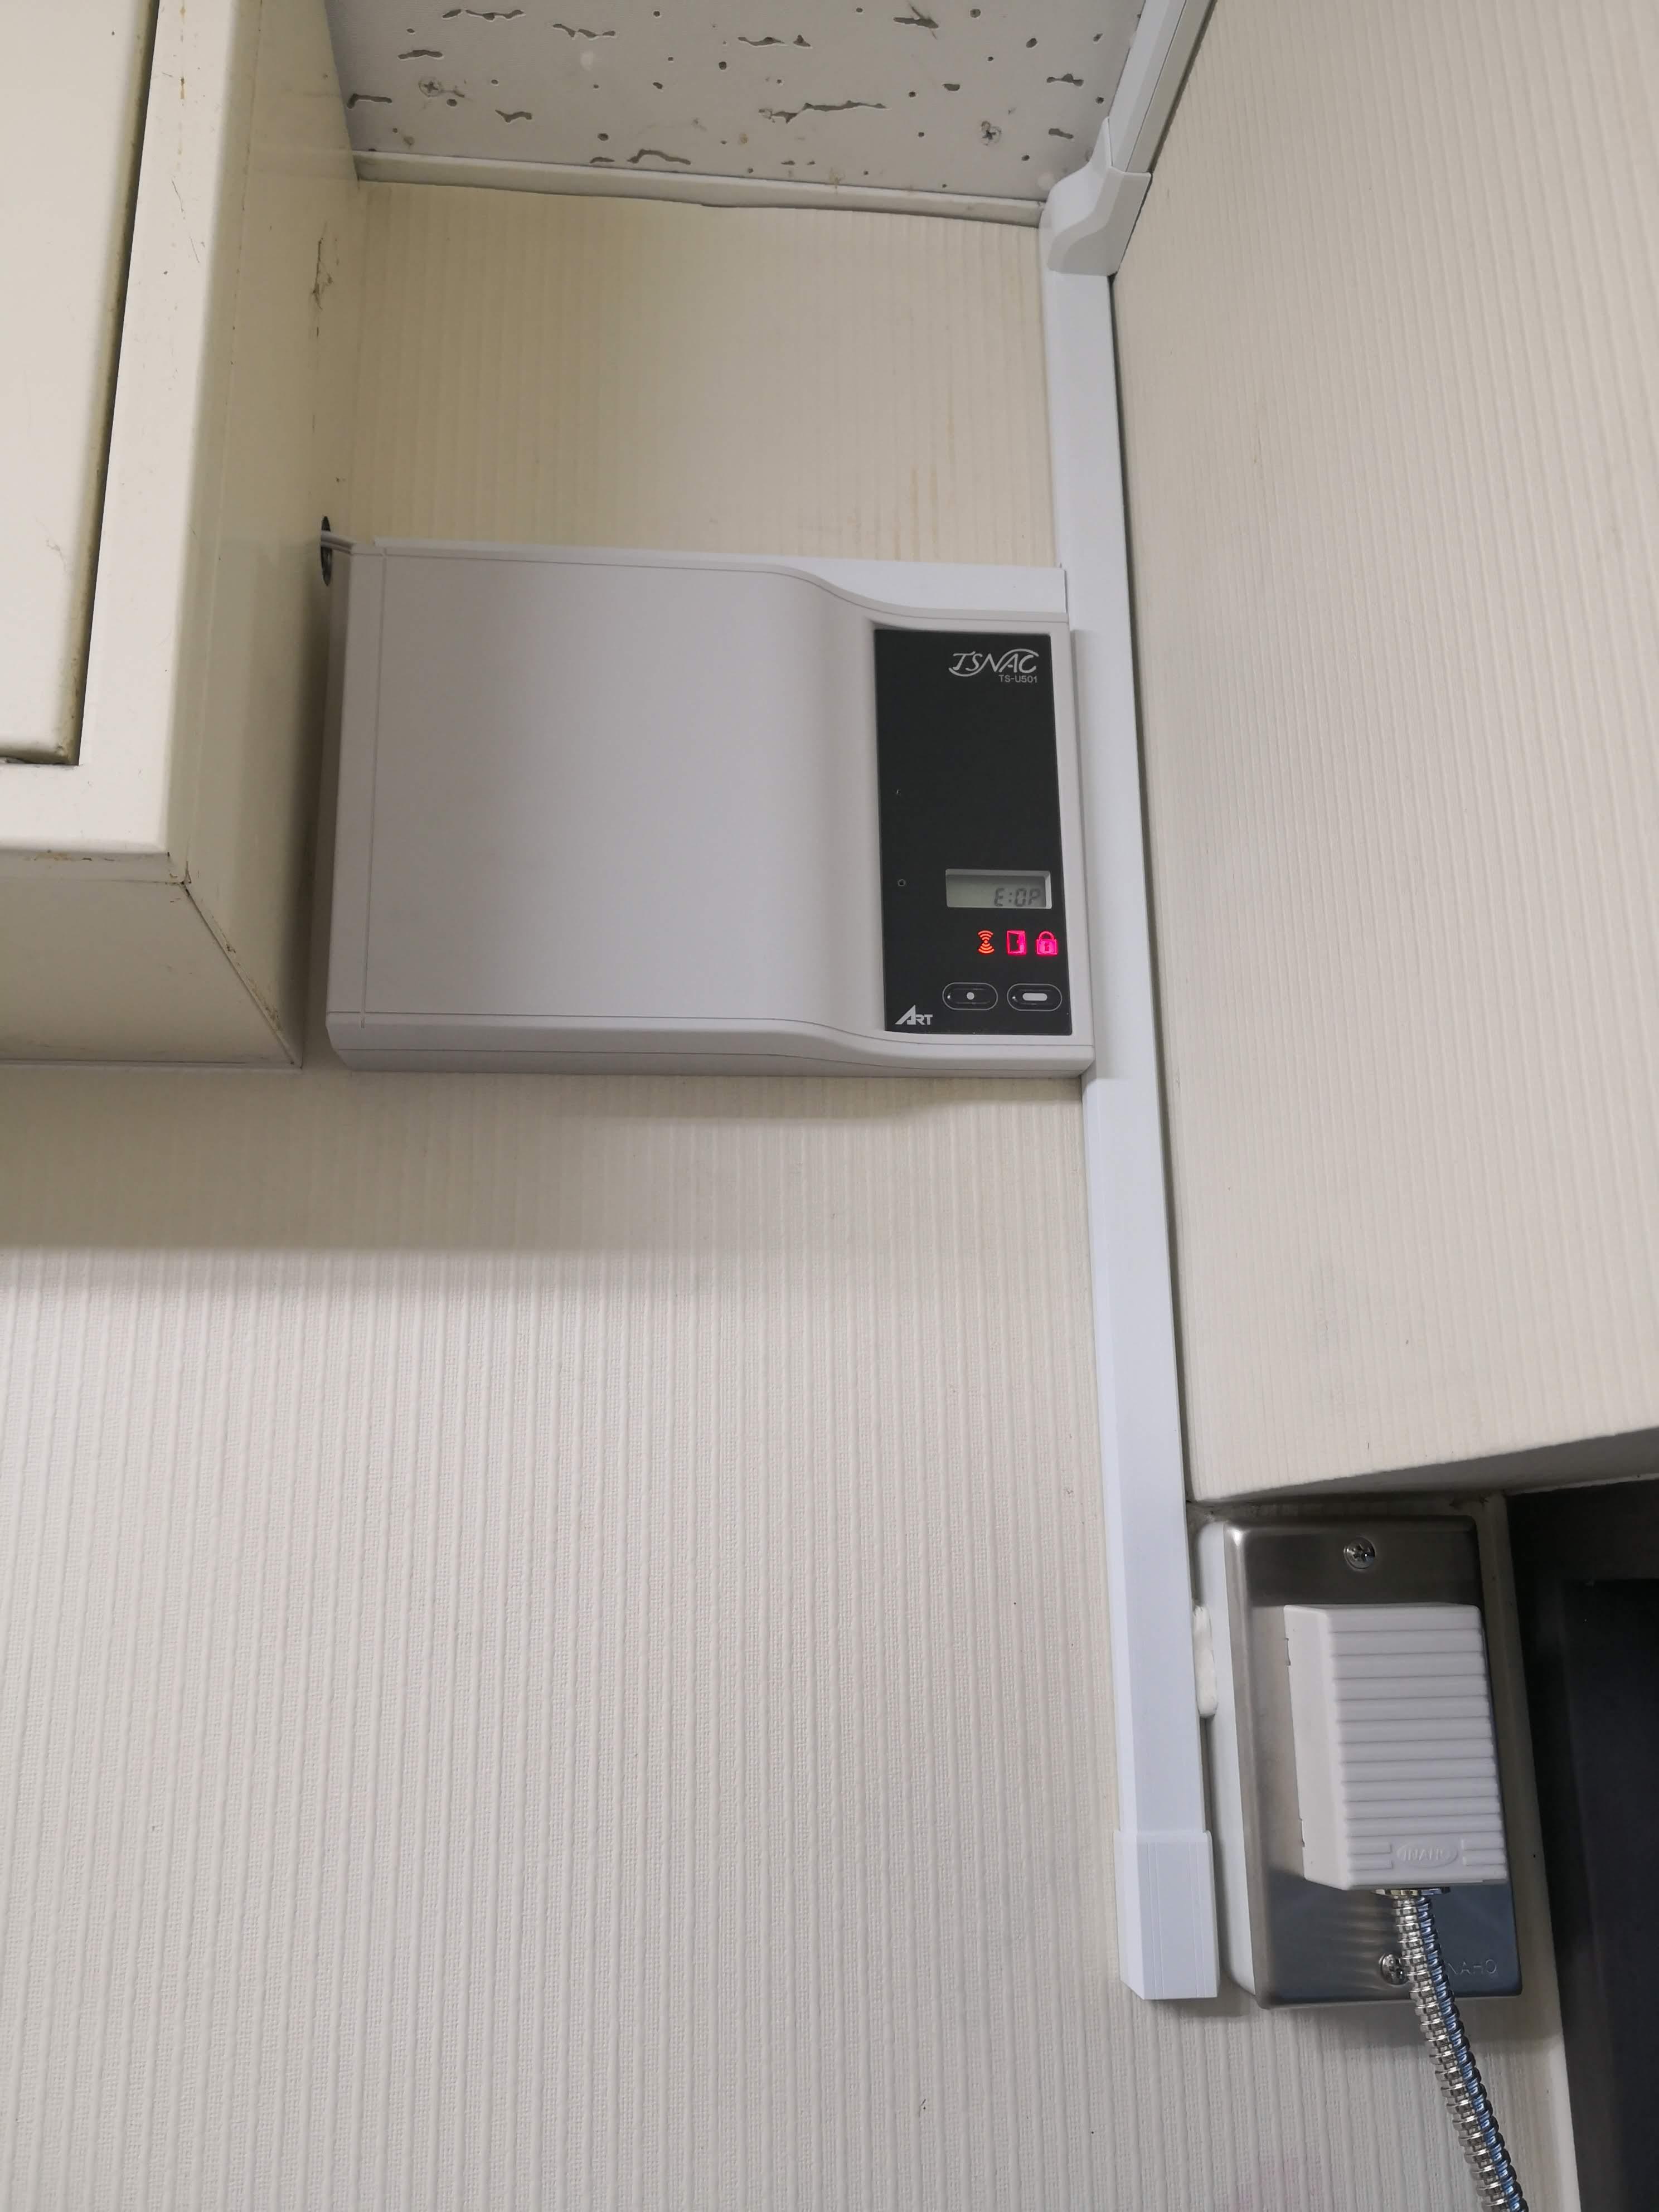 株式会社アート 電気錠コントローラー「TS-U501」